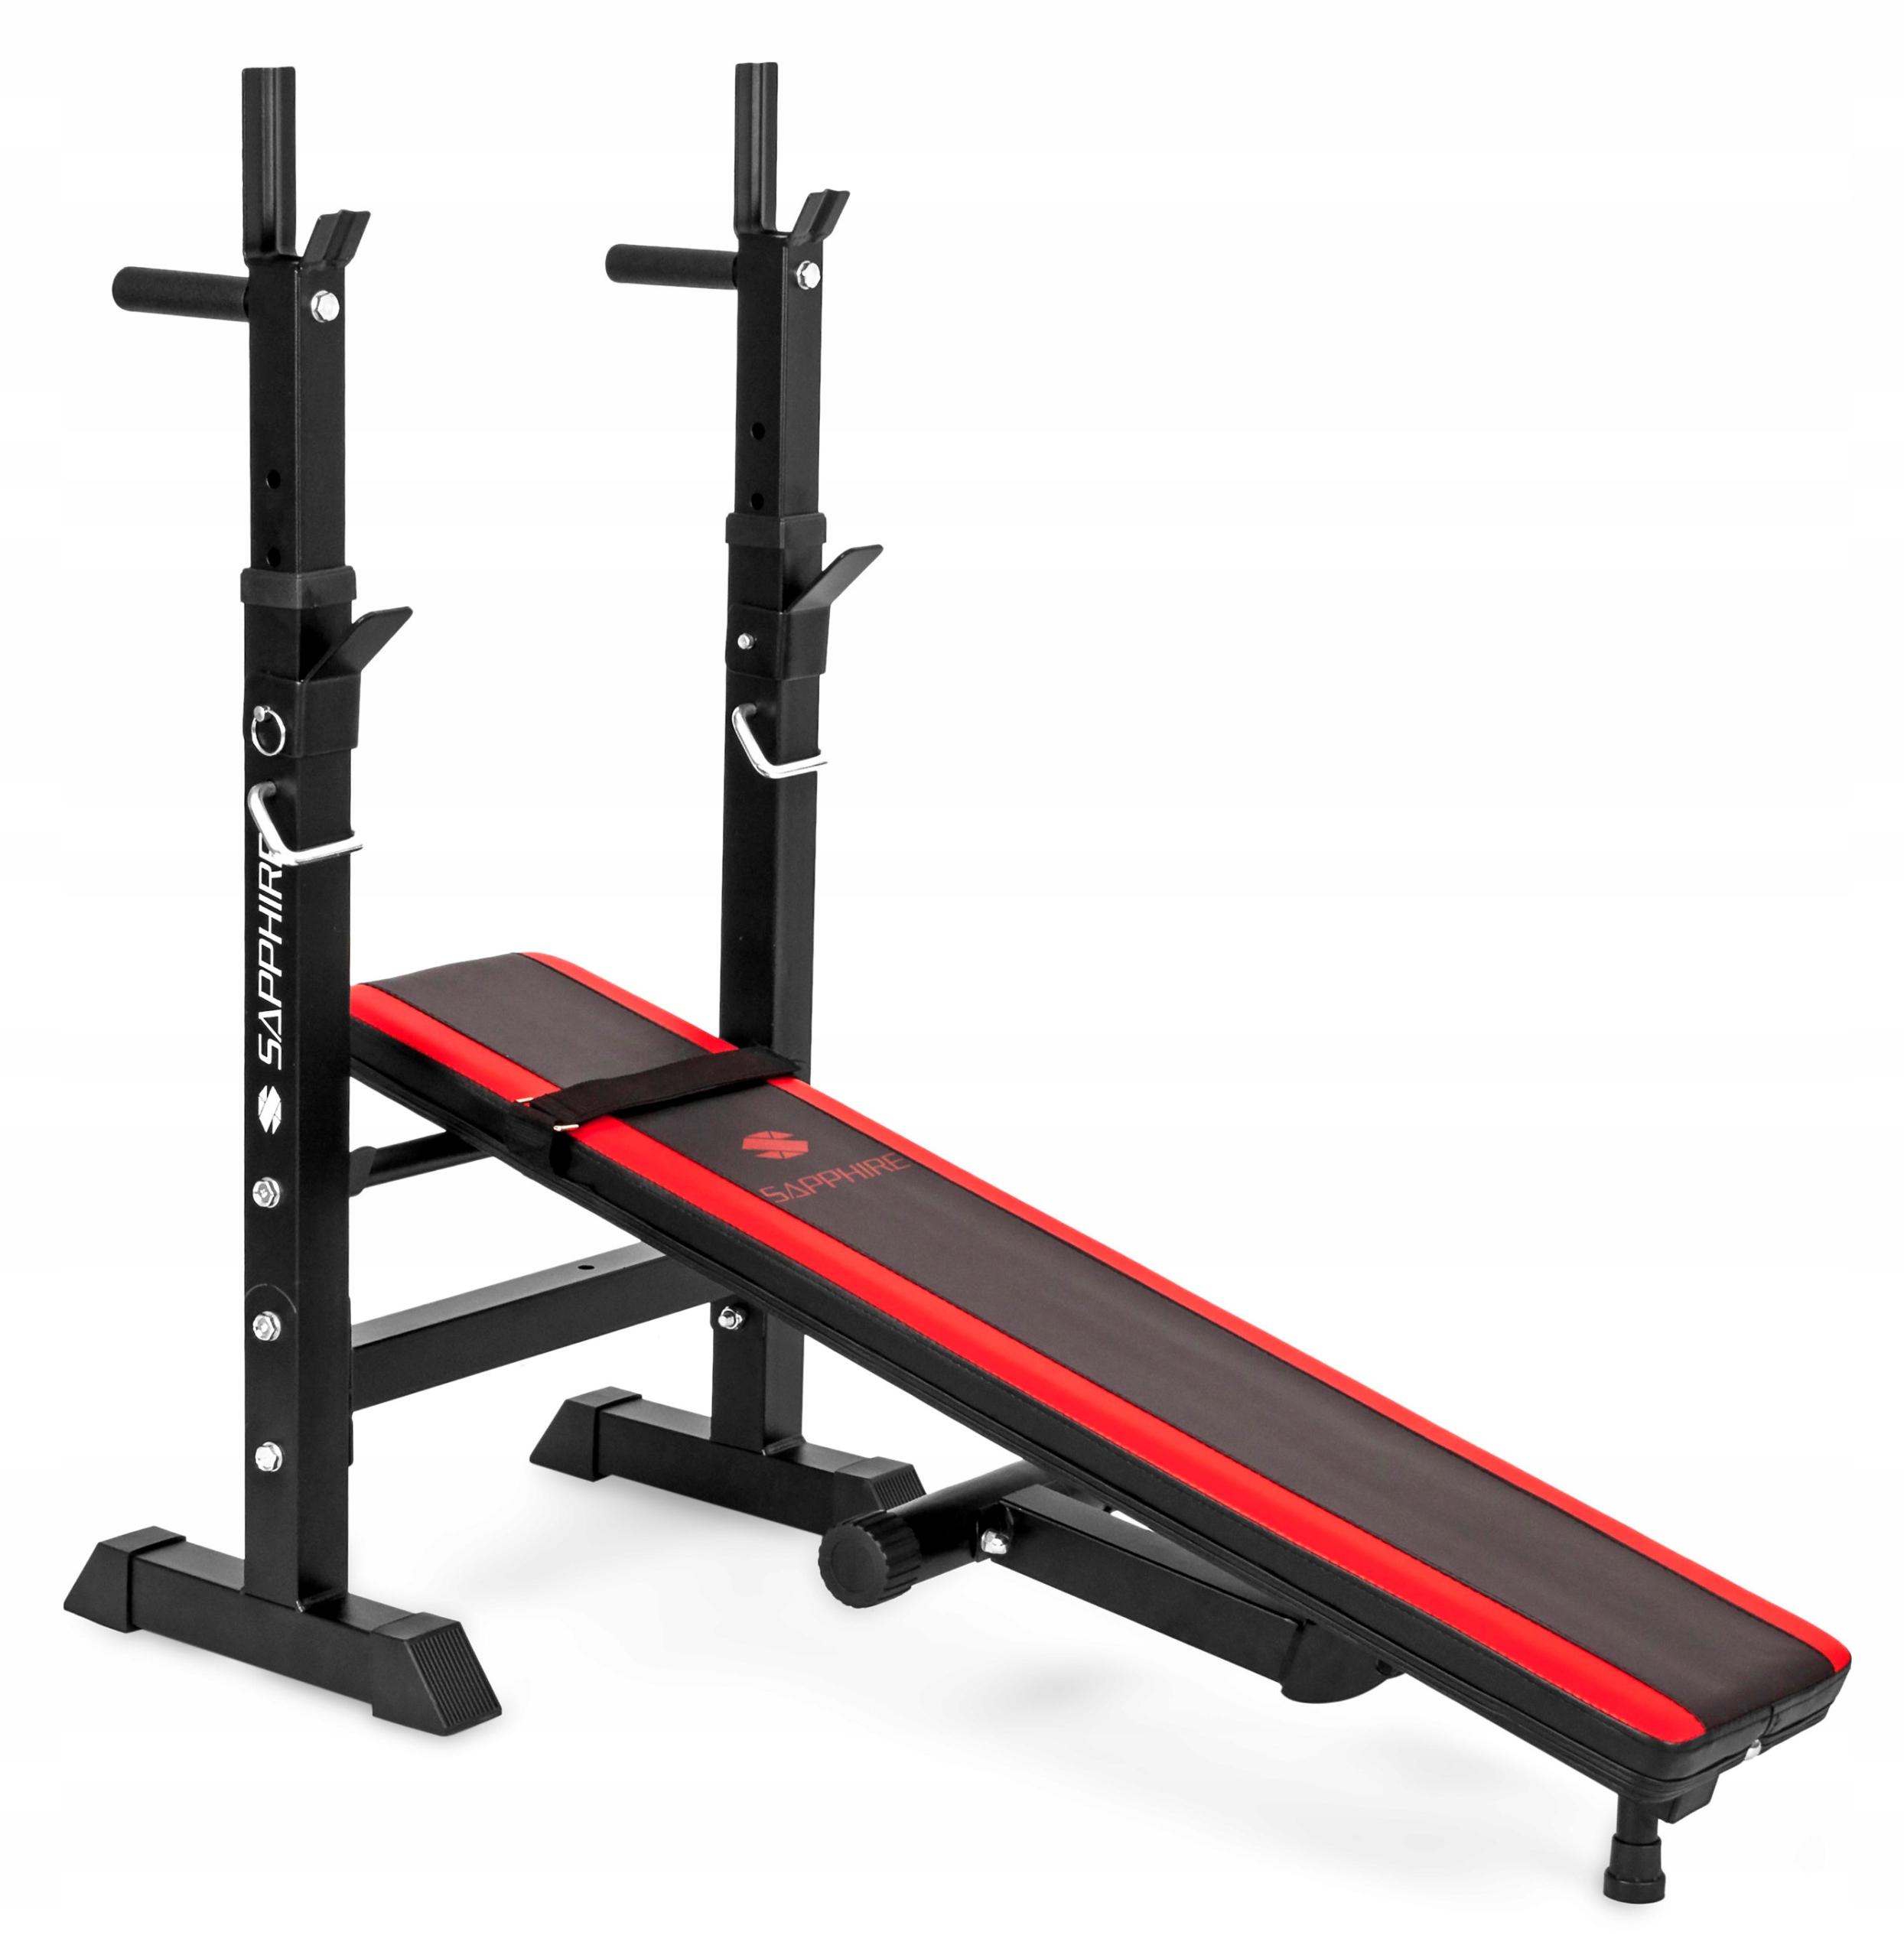 XYLO siłownia 82 kg zestaw ŁAWKA+GRYFY+OBCIĄŻENIA Marka Xylo